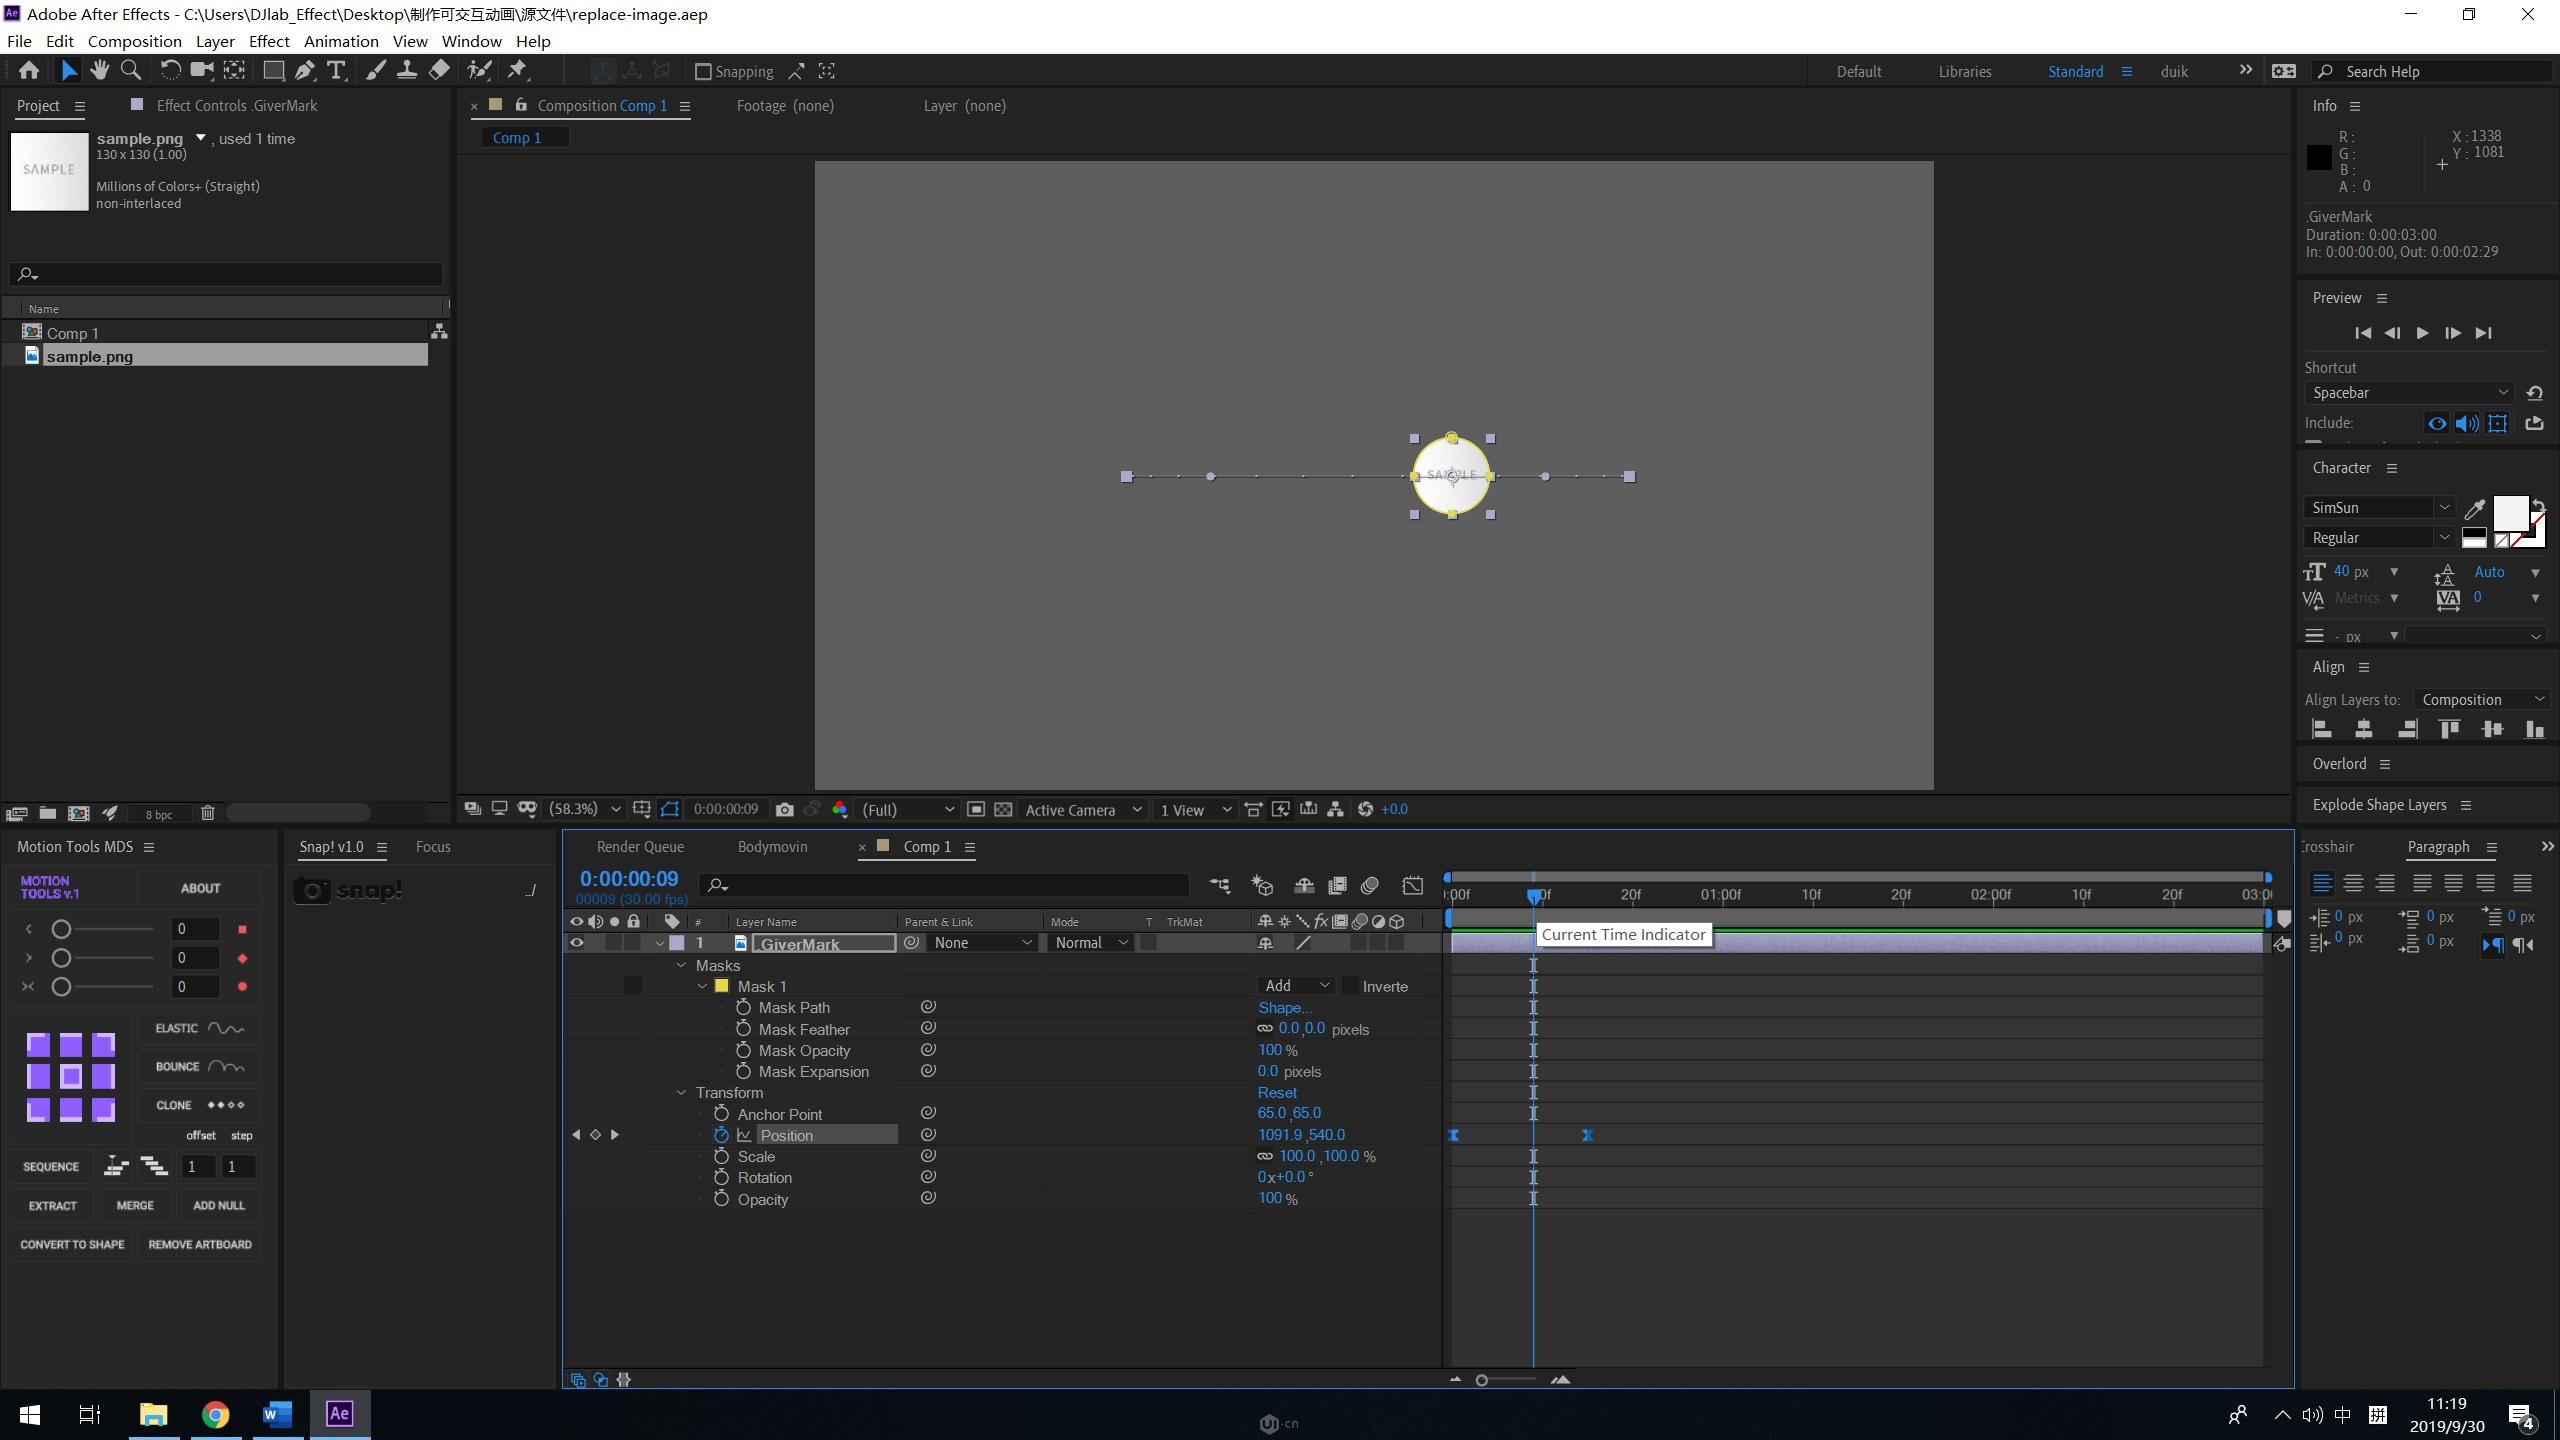 让动效更酷炫!4 个常见且常用的 SVG 交互动画方法